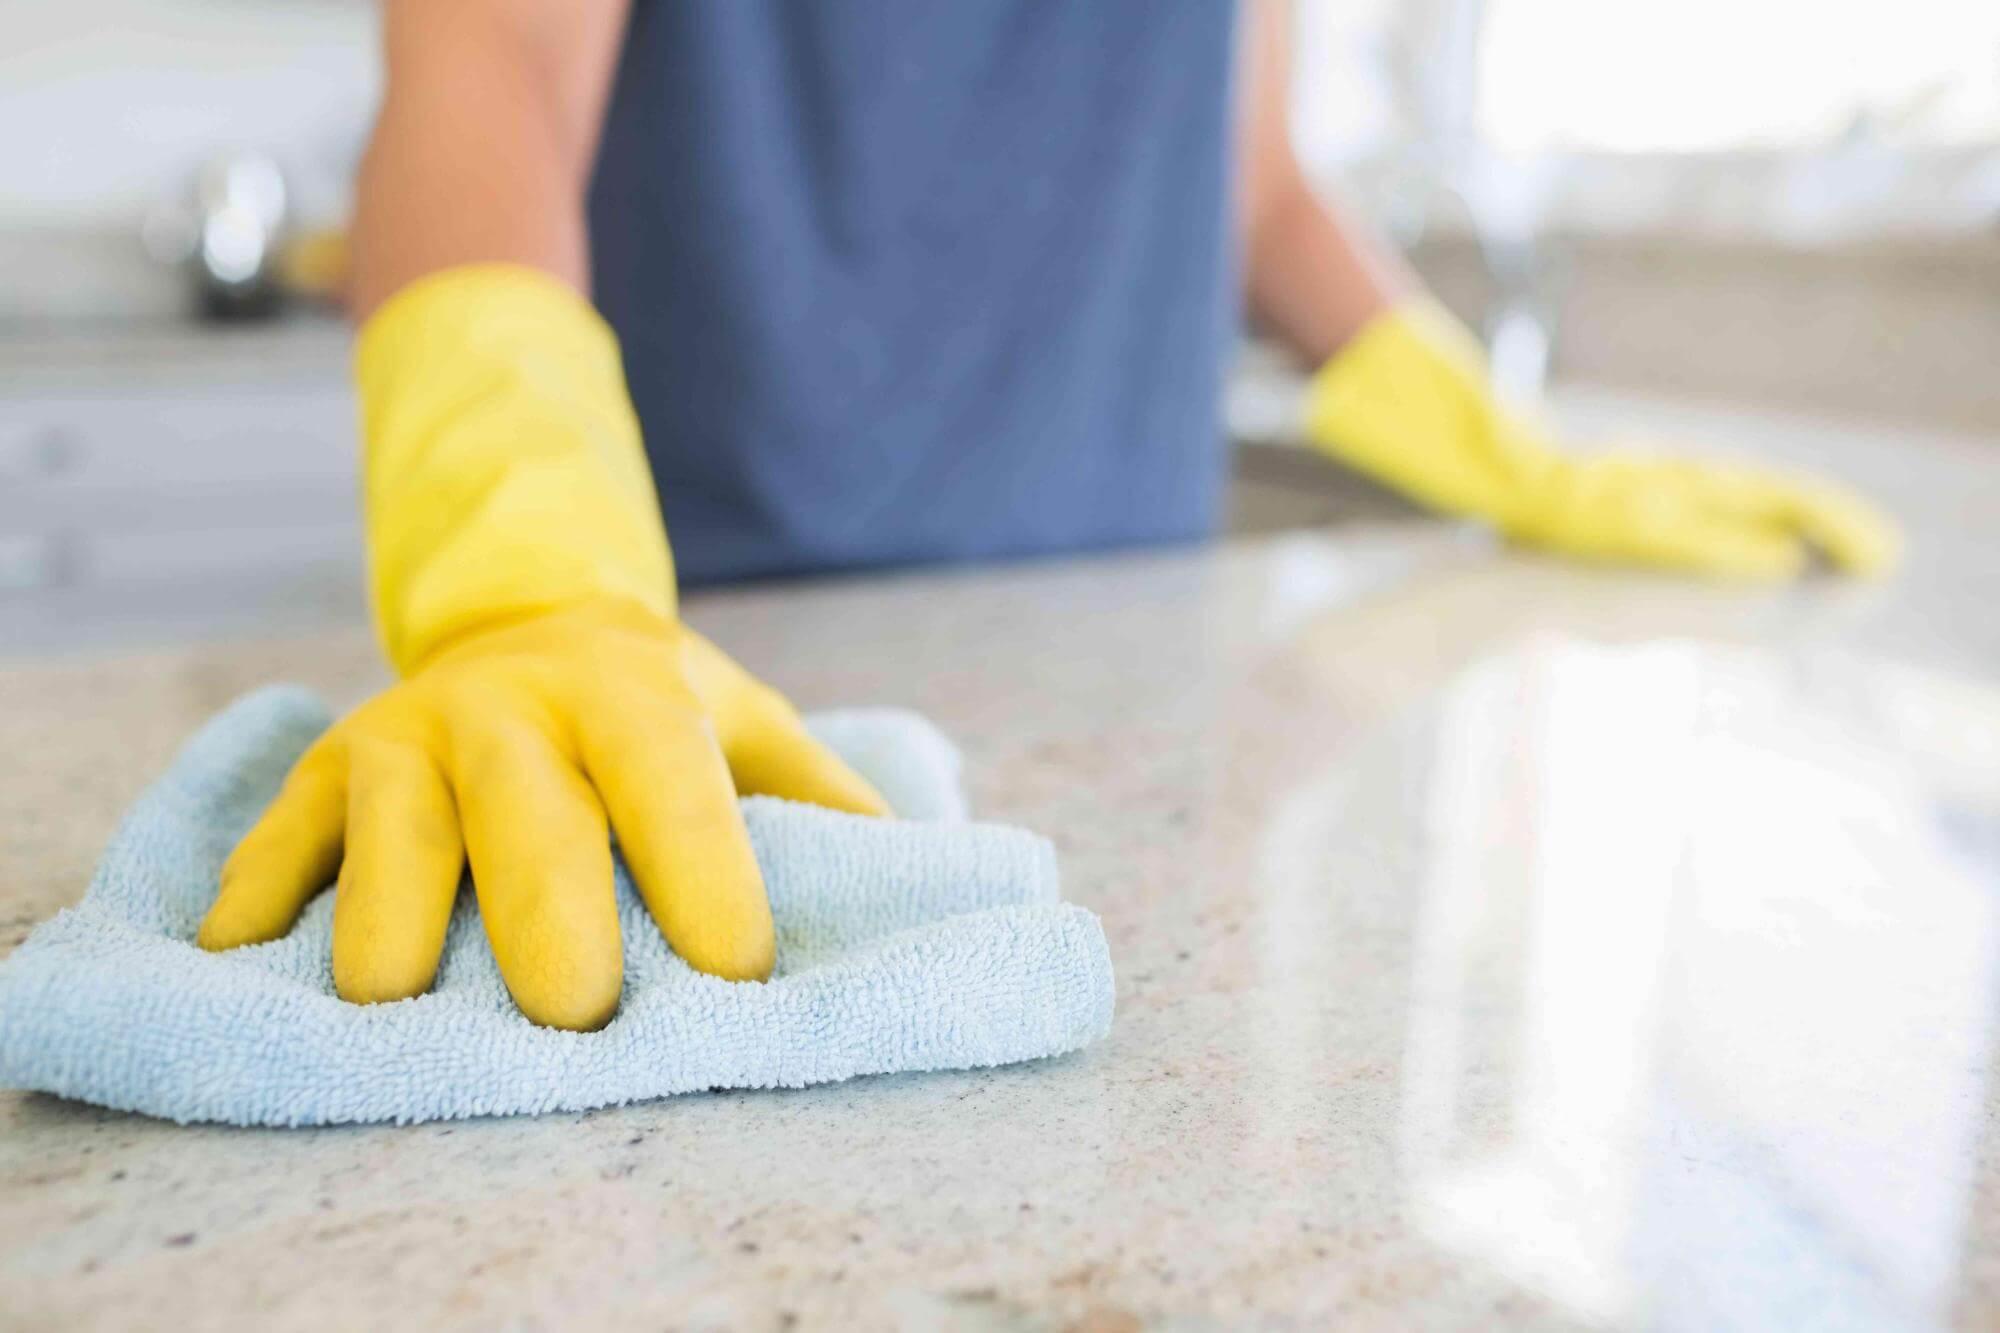 صورة شركة تنظيف بالدمام , اشهر شركات العناية بالمنازل في السعودية